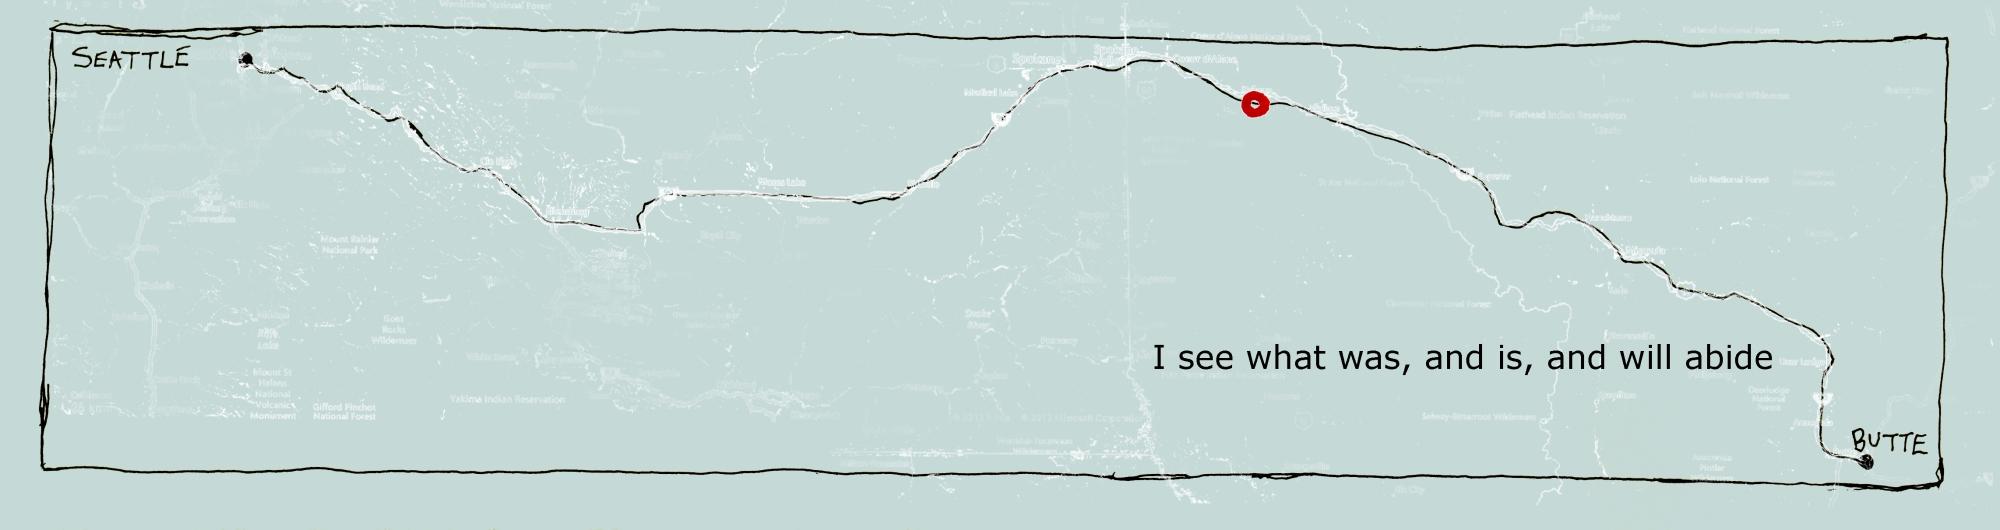 map 840